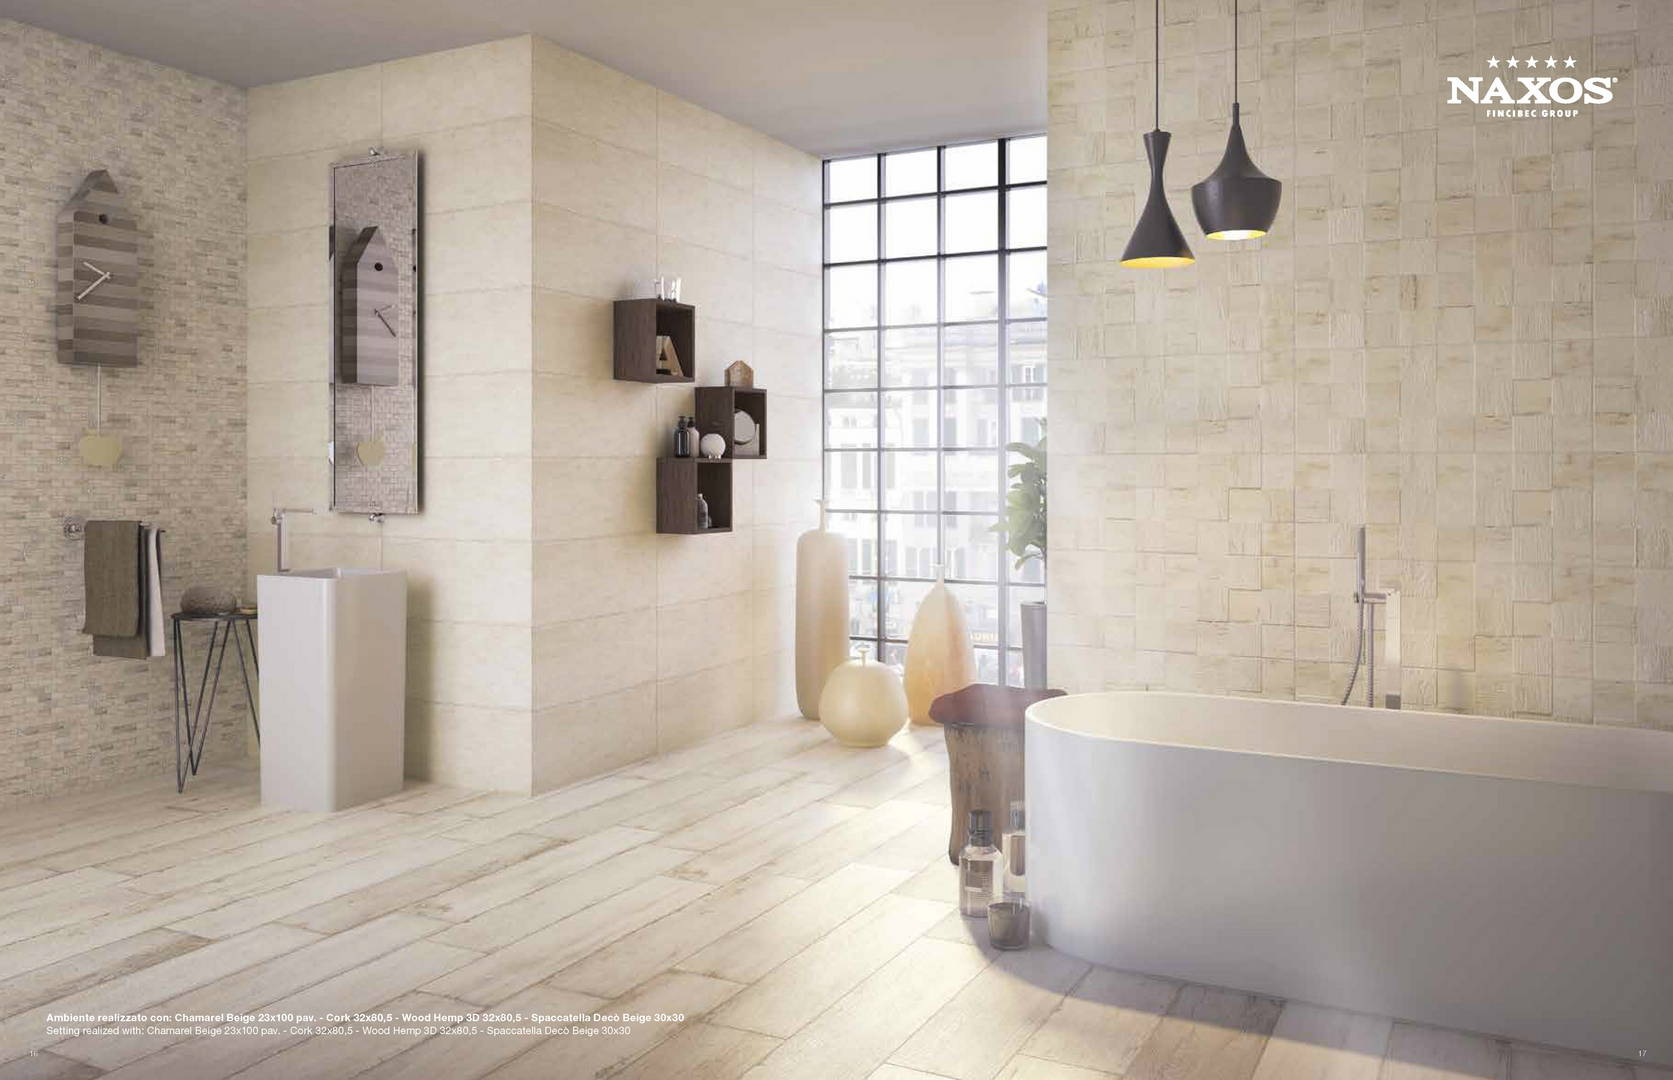 mattonelle bagno naxos ~ Comarg.com = Lussuoso Design del Bagno con ...